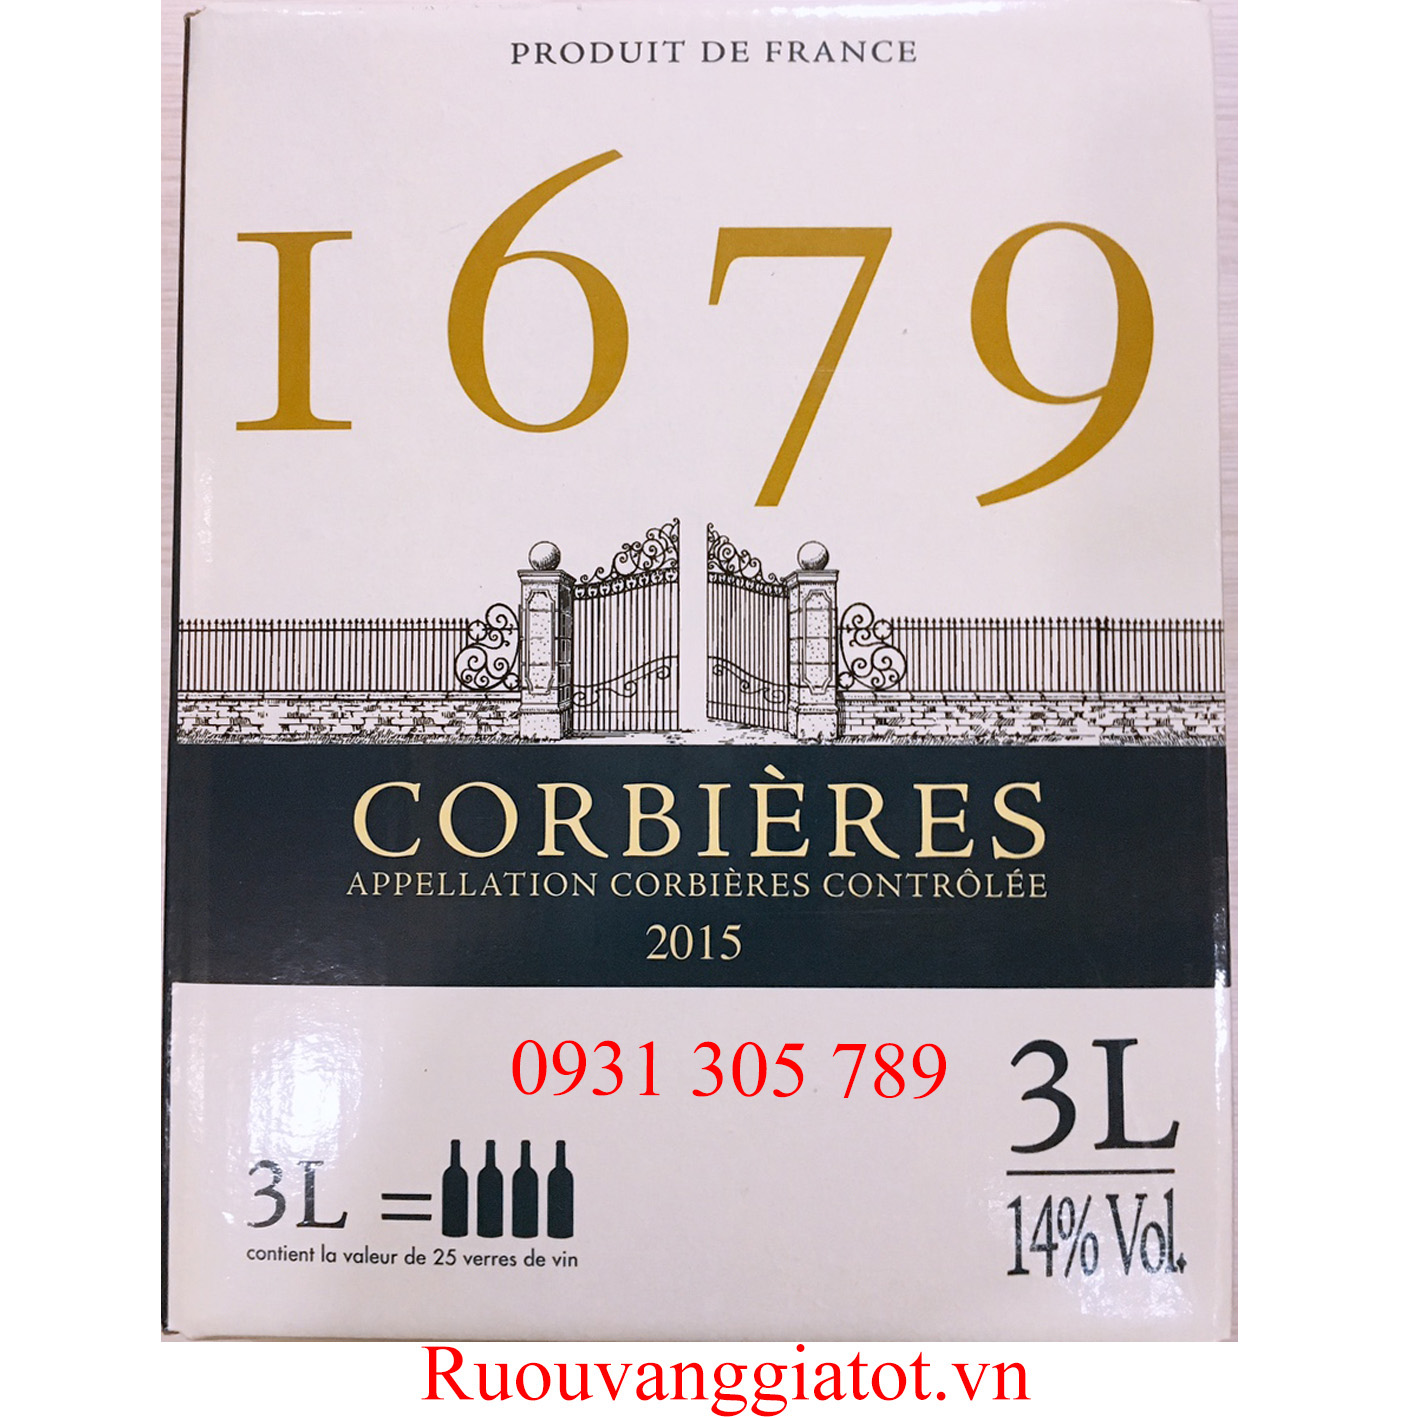 Vang đỏ bịch pháp 1679 CORBIERES 3L